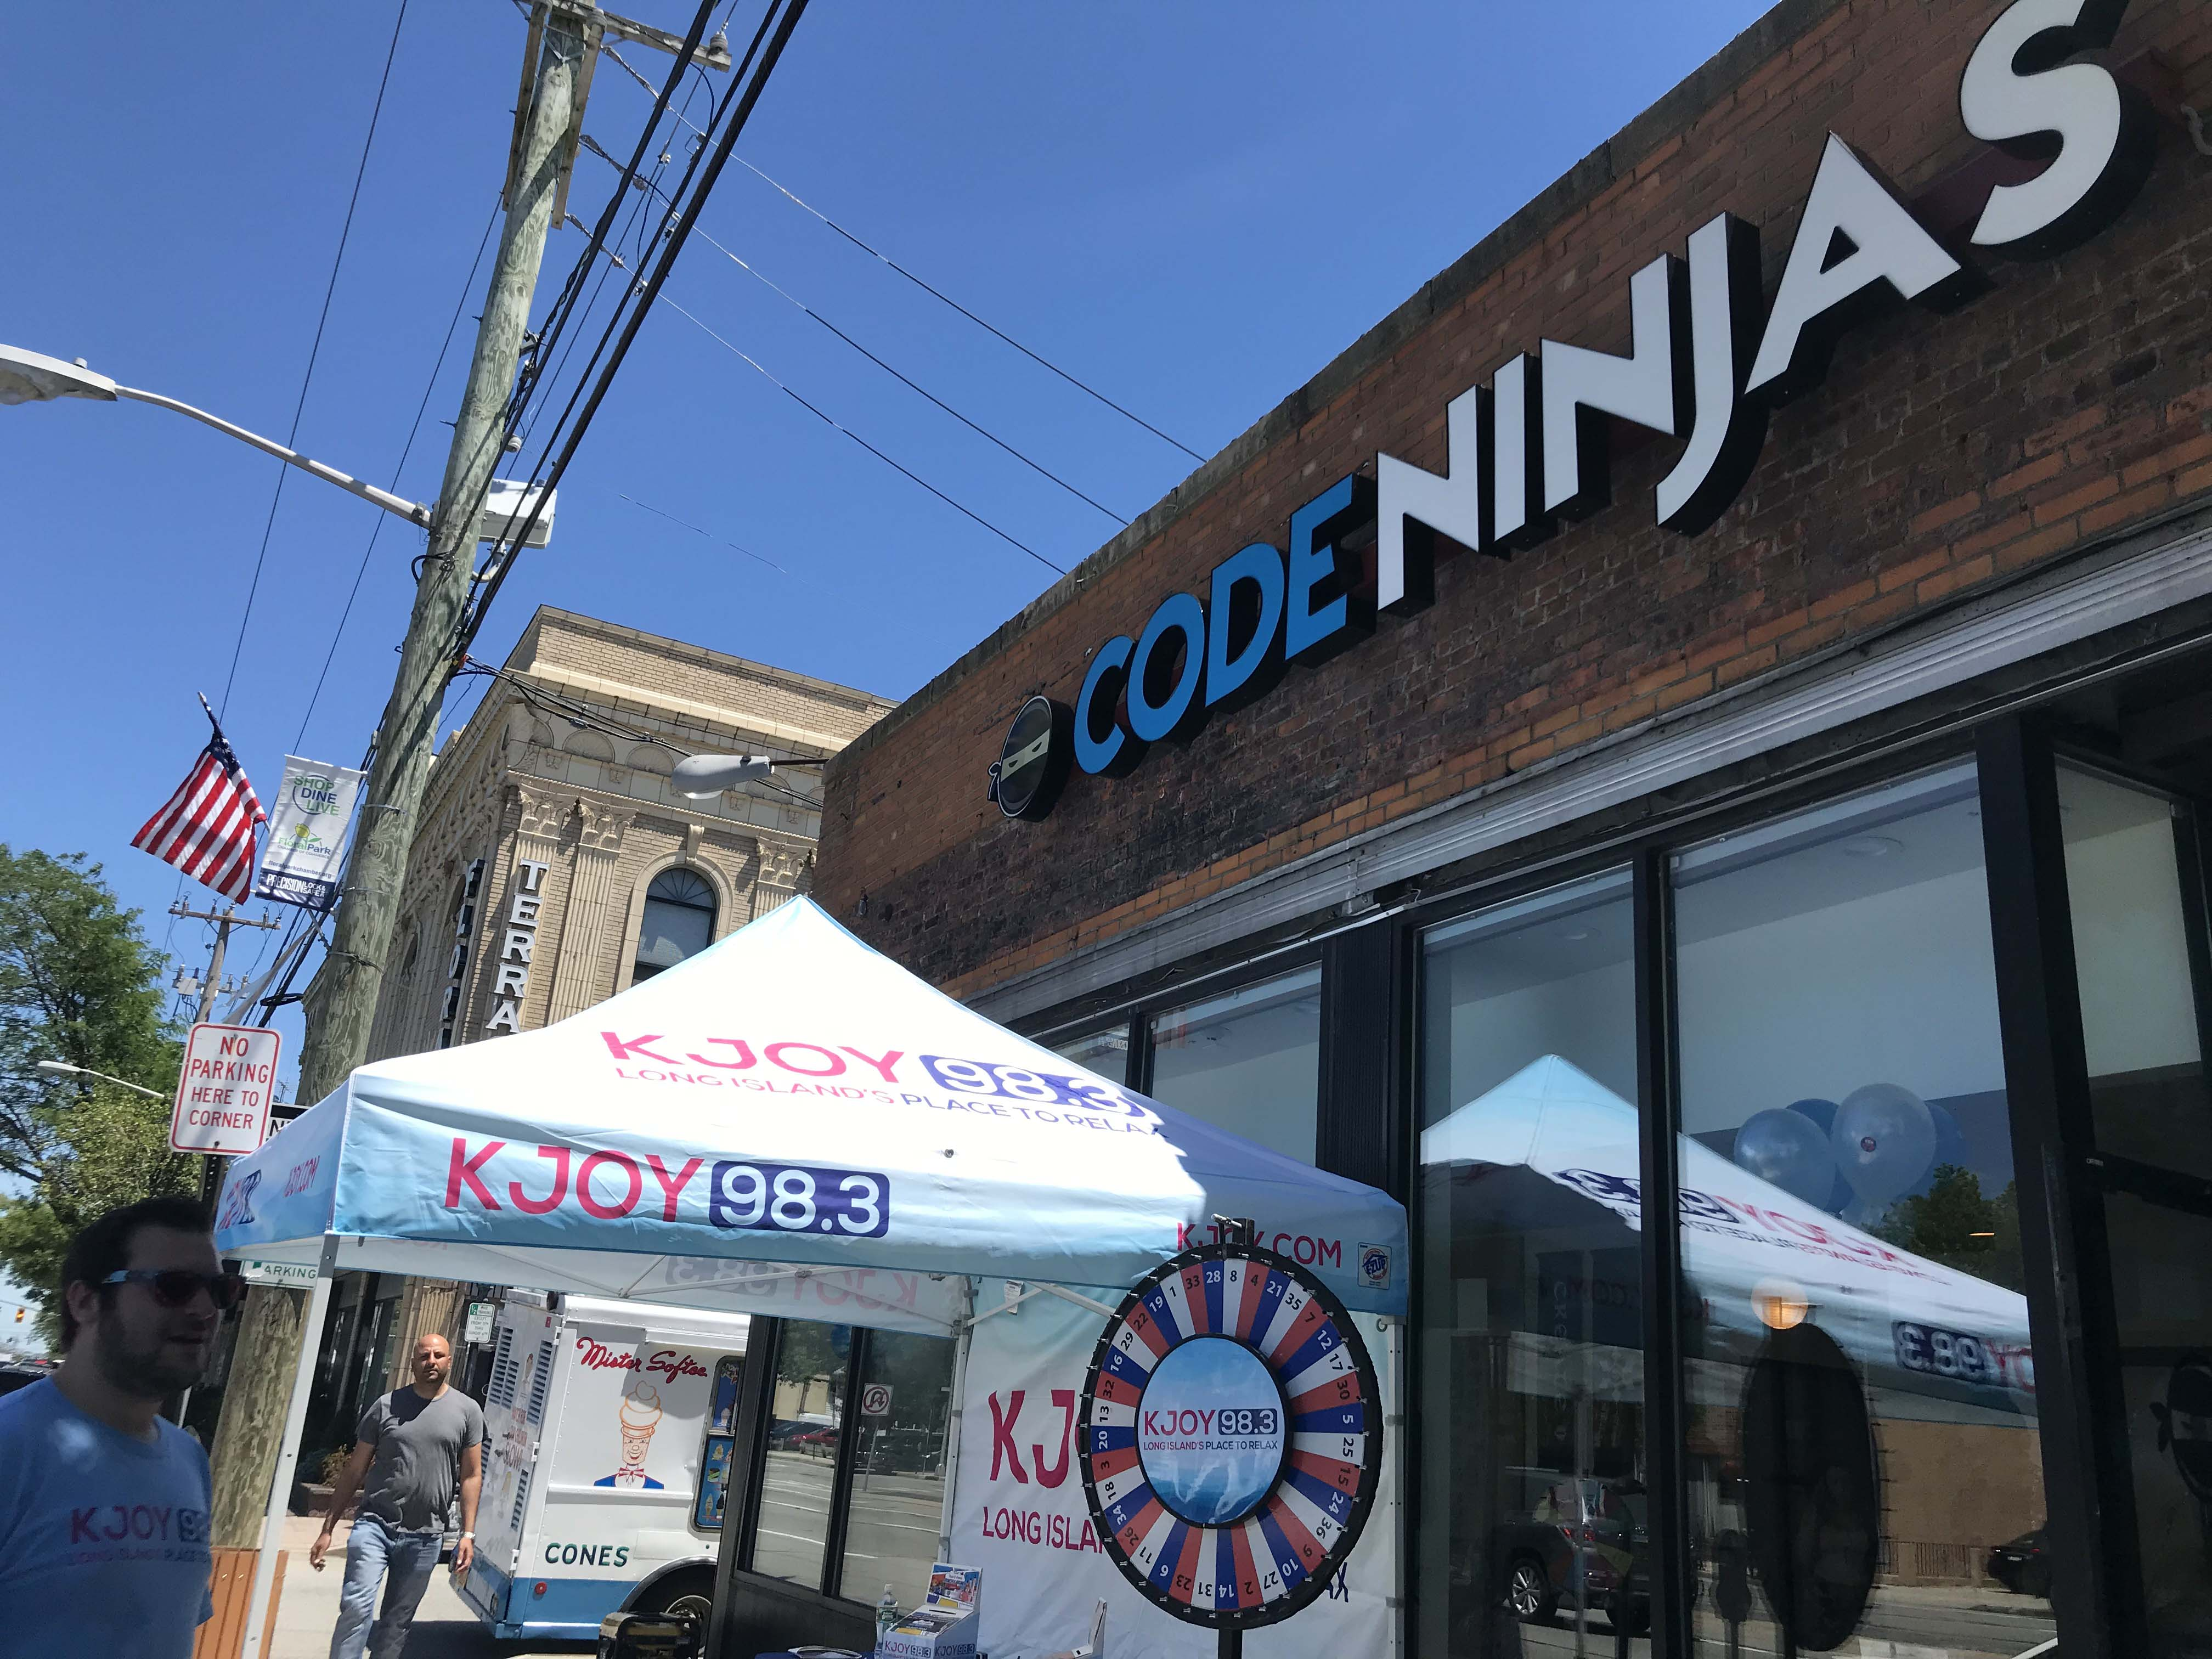 KJOY @ Code Ninjas